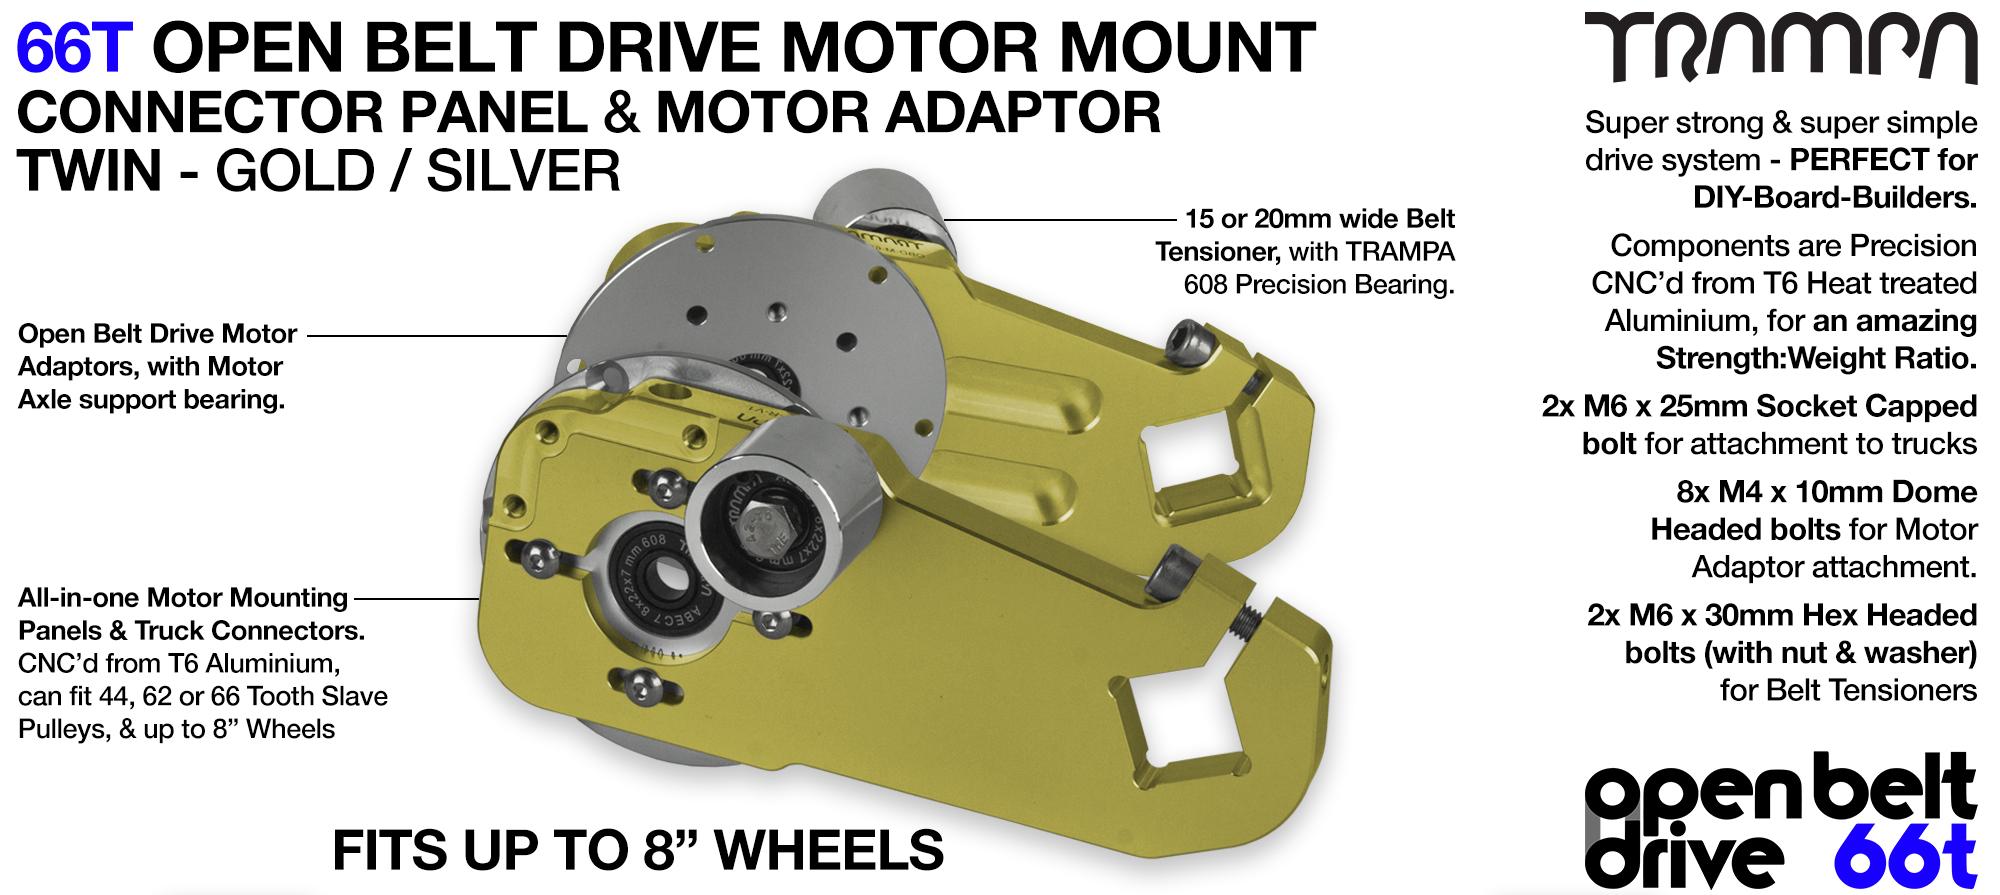 66T OPEN BELT DRIVE Motor Mount & Motor Adaptor - TWIN GOLD